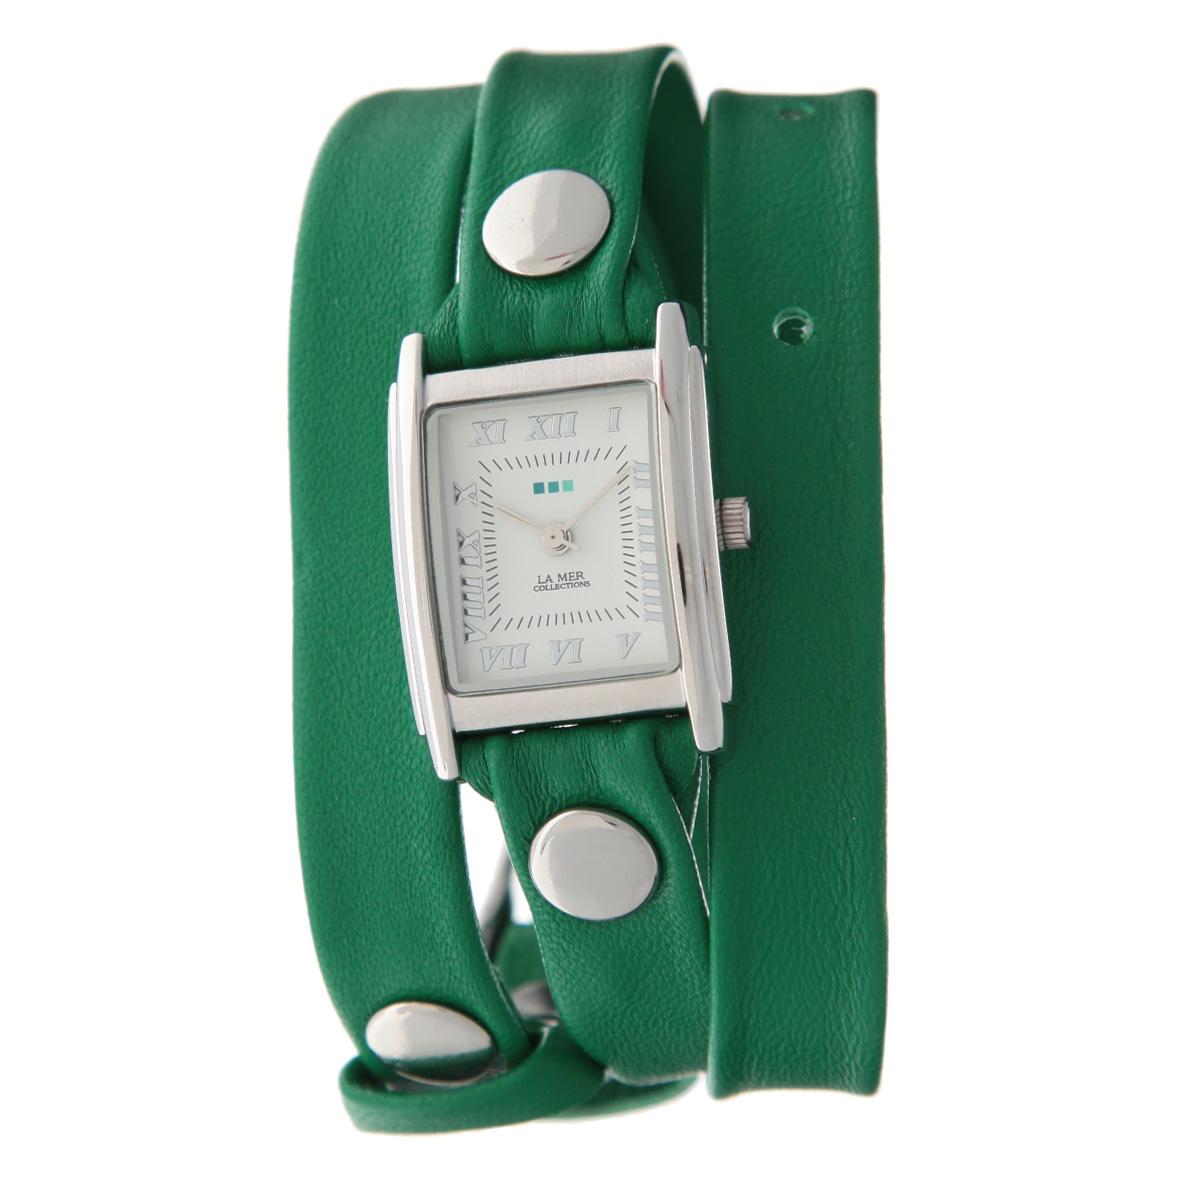 Часы наручные женские La Mer Collections Simple Kelly Green/Silver. LMSTW1012x408450нЖенские наручные часы  La Mer Collections позволят вам выделиться из толпы и подчеркнуть свою индивидуальность. Часы оснащены японским кварцевым механизмом Seiko. Ремешок выполнен из натуральной итальянской кожи и декорирован металлическими заклепками. Корпус часов изготовлен из сплава металлов, серебристого цвета. Циферблат оснащен часовой, минутной и секундной стрелками и защищен минеральным стеклом. Часы застегиваются на классическую застежку. Часы хранятся на специальной подушечке в футляре из искусственной кожи, крышка которого оформлена логотипом компании La Mer Collection. Характеристики: Размер циферблата: 25 х 23 х 8 мм. Размер ремешка: 550 х 13 мм. Не содержат никель. Не водостойкие. Собираются вручную в США.